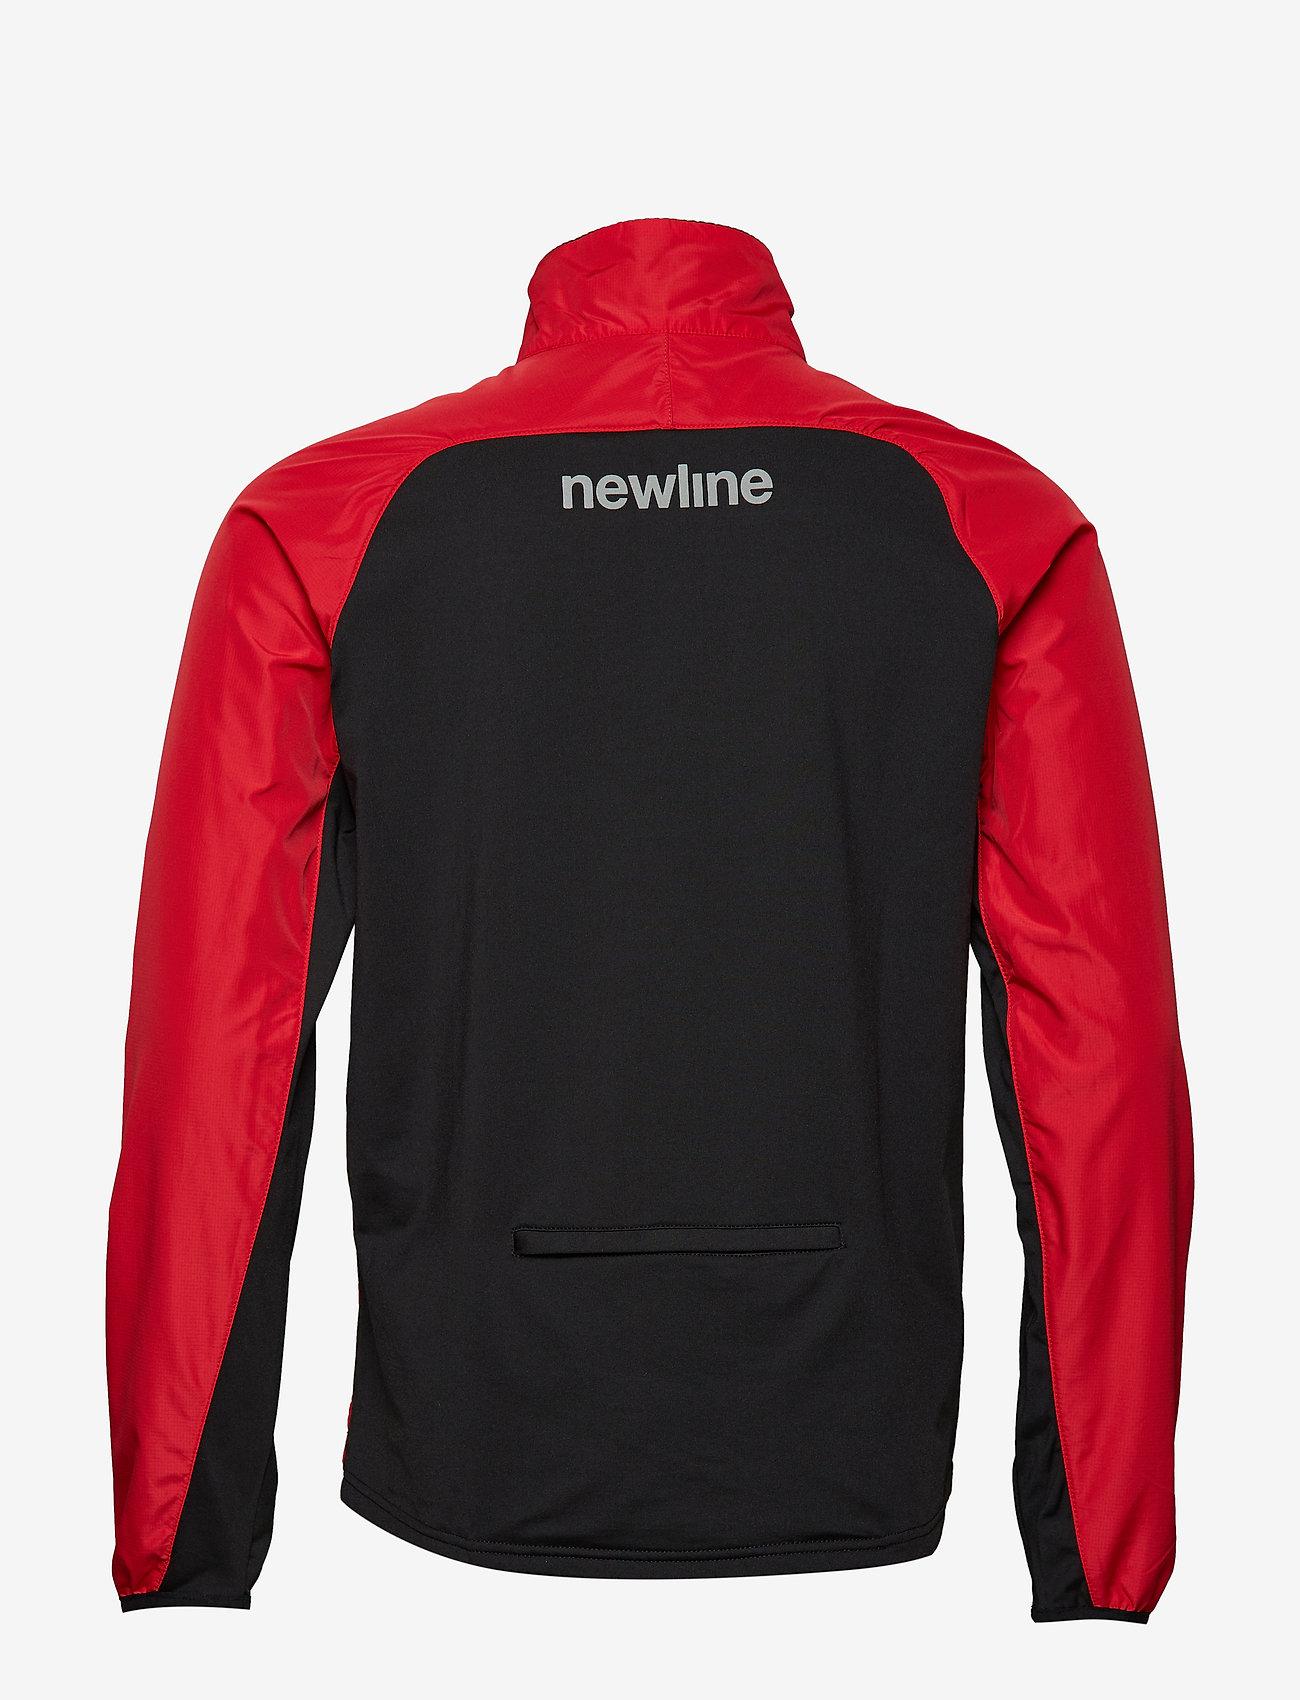 Newline Core Cross Jacket - Jakker og frakker RED - Menn Klær